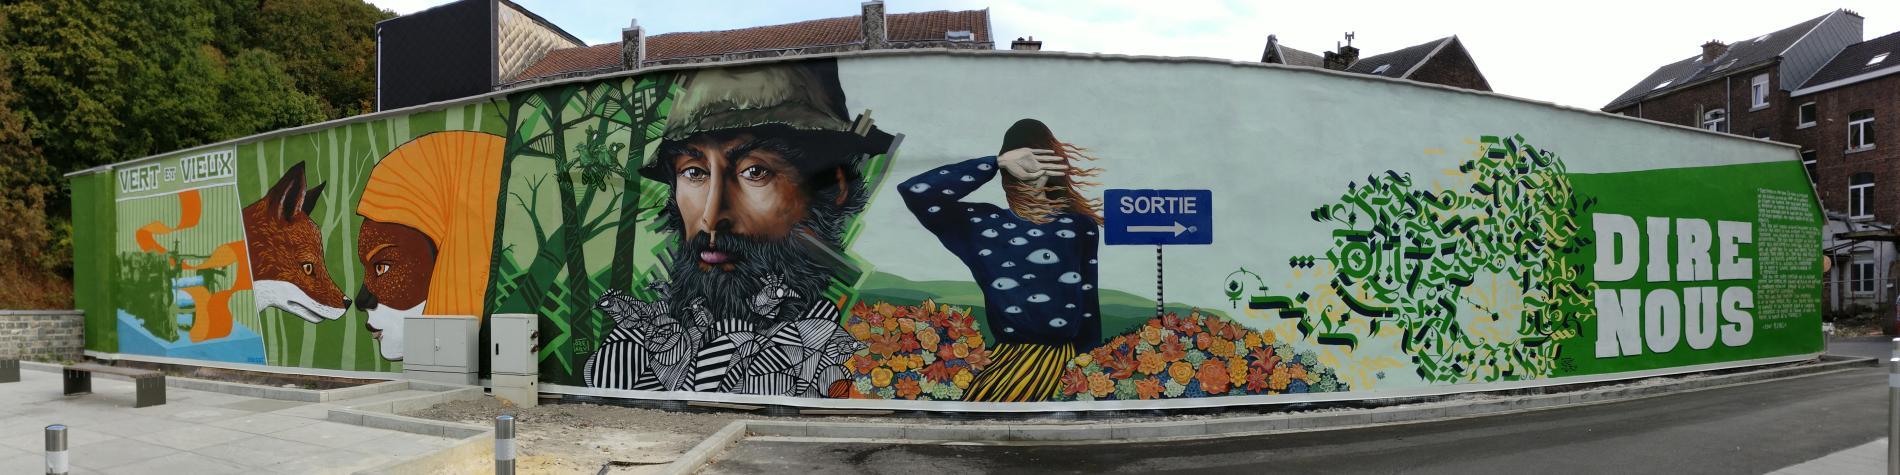 Parcours street art - Verviers - Vue de la fresque Dire Nous au parking des Récollets